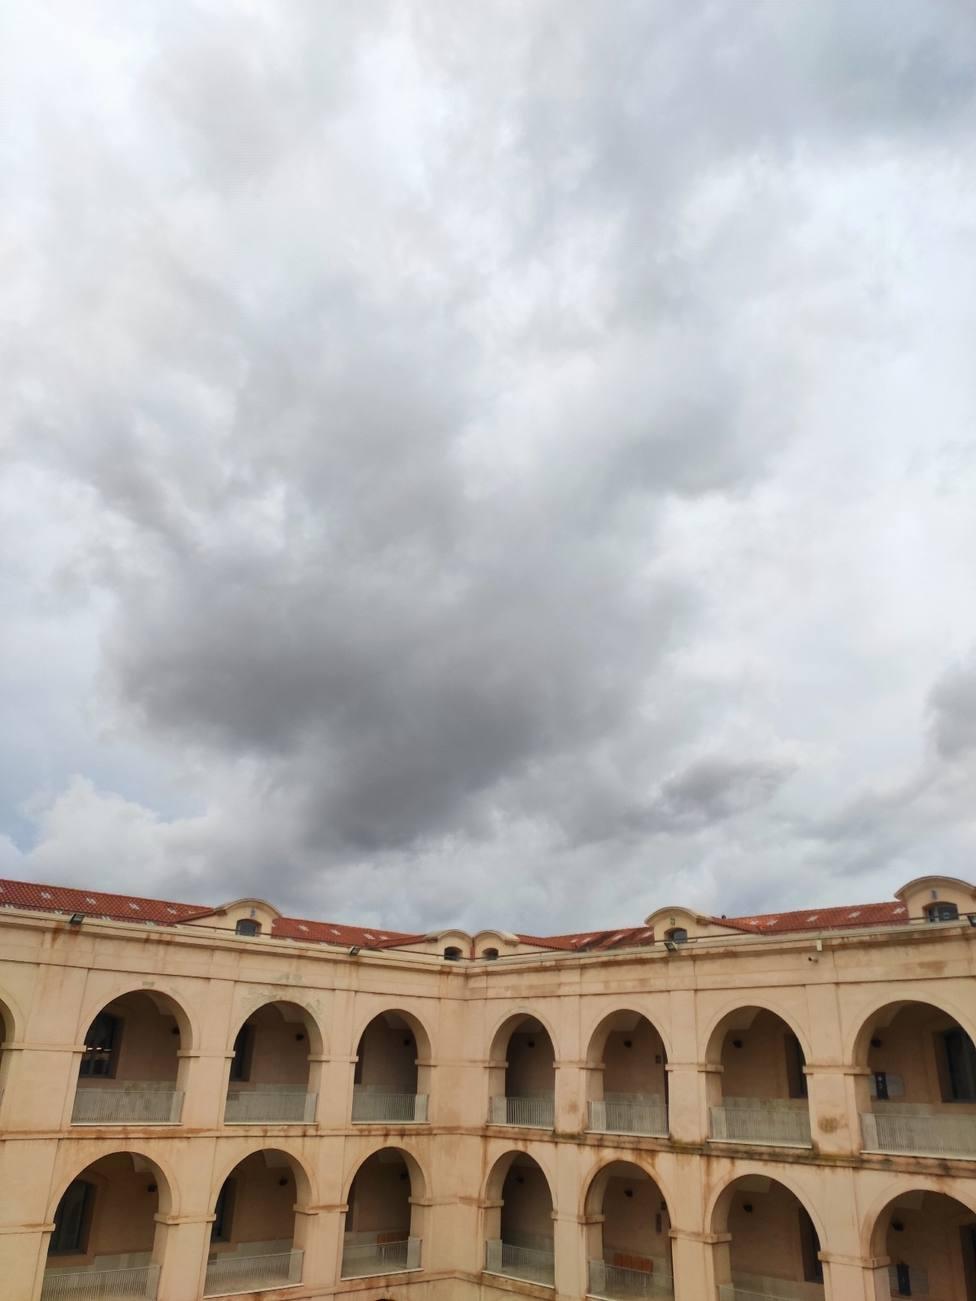 Suspendida la actividad académica este viernes en la Universidad Politécnica de Cartagena (Murcia)